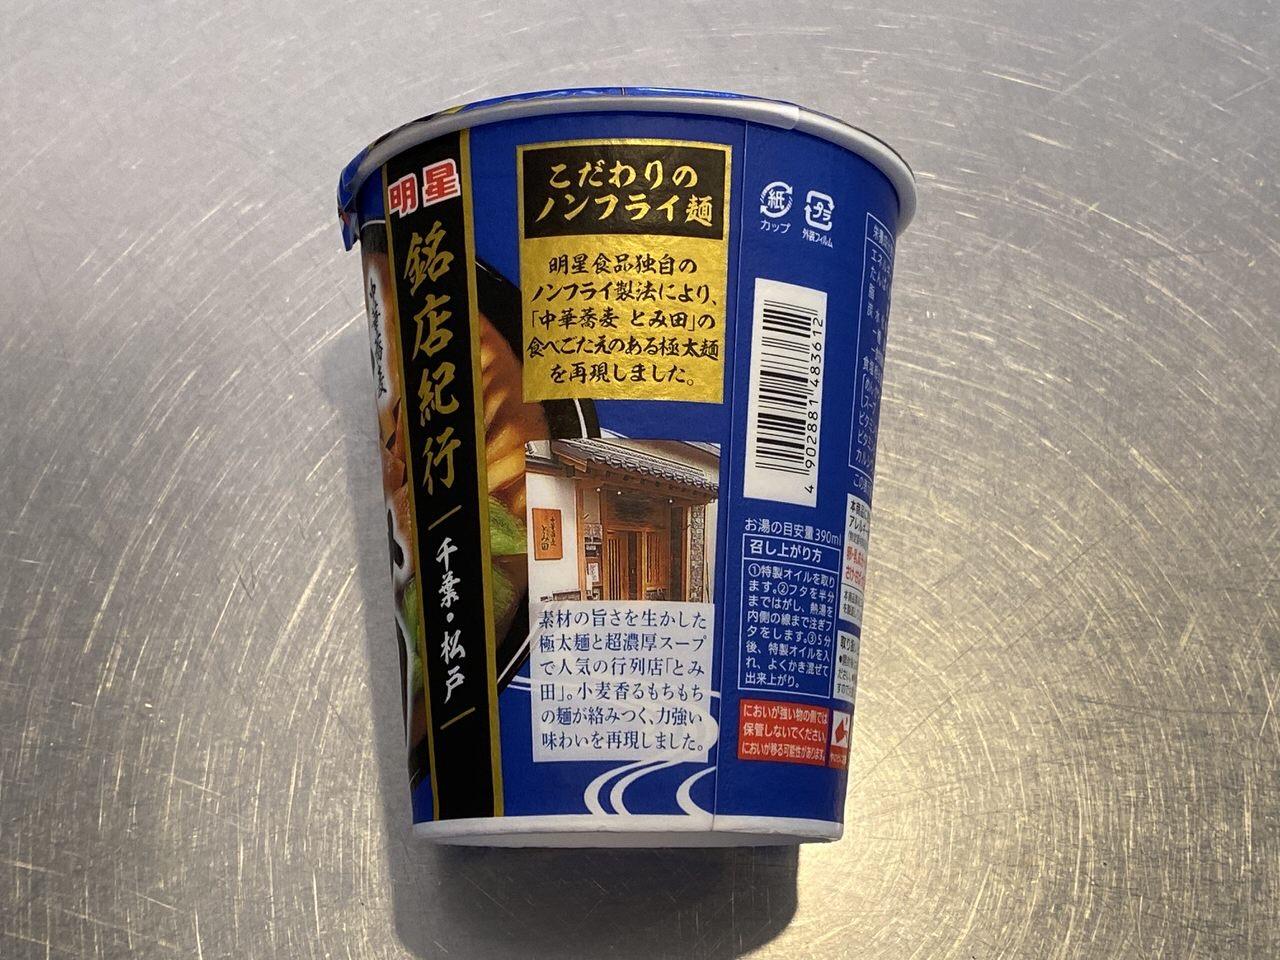 【セブンイレブン】カップ麺「銘店紀行 中華蕎麦とみ田」1